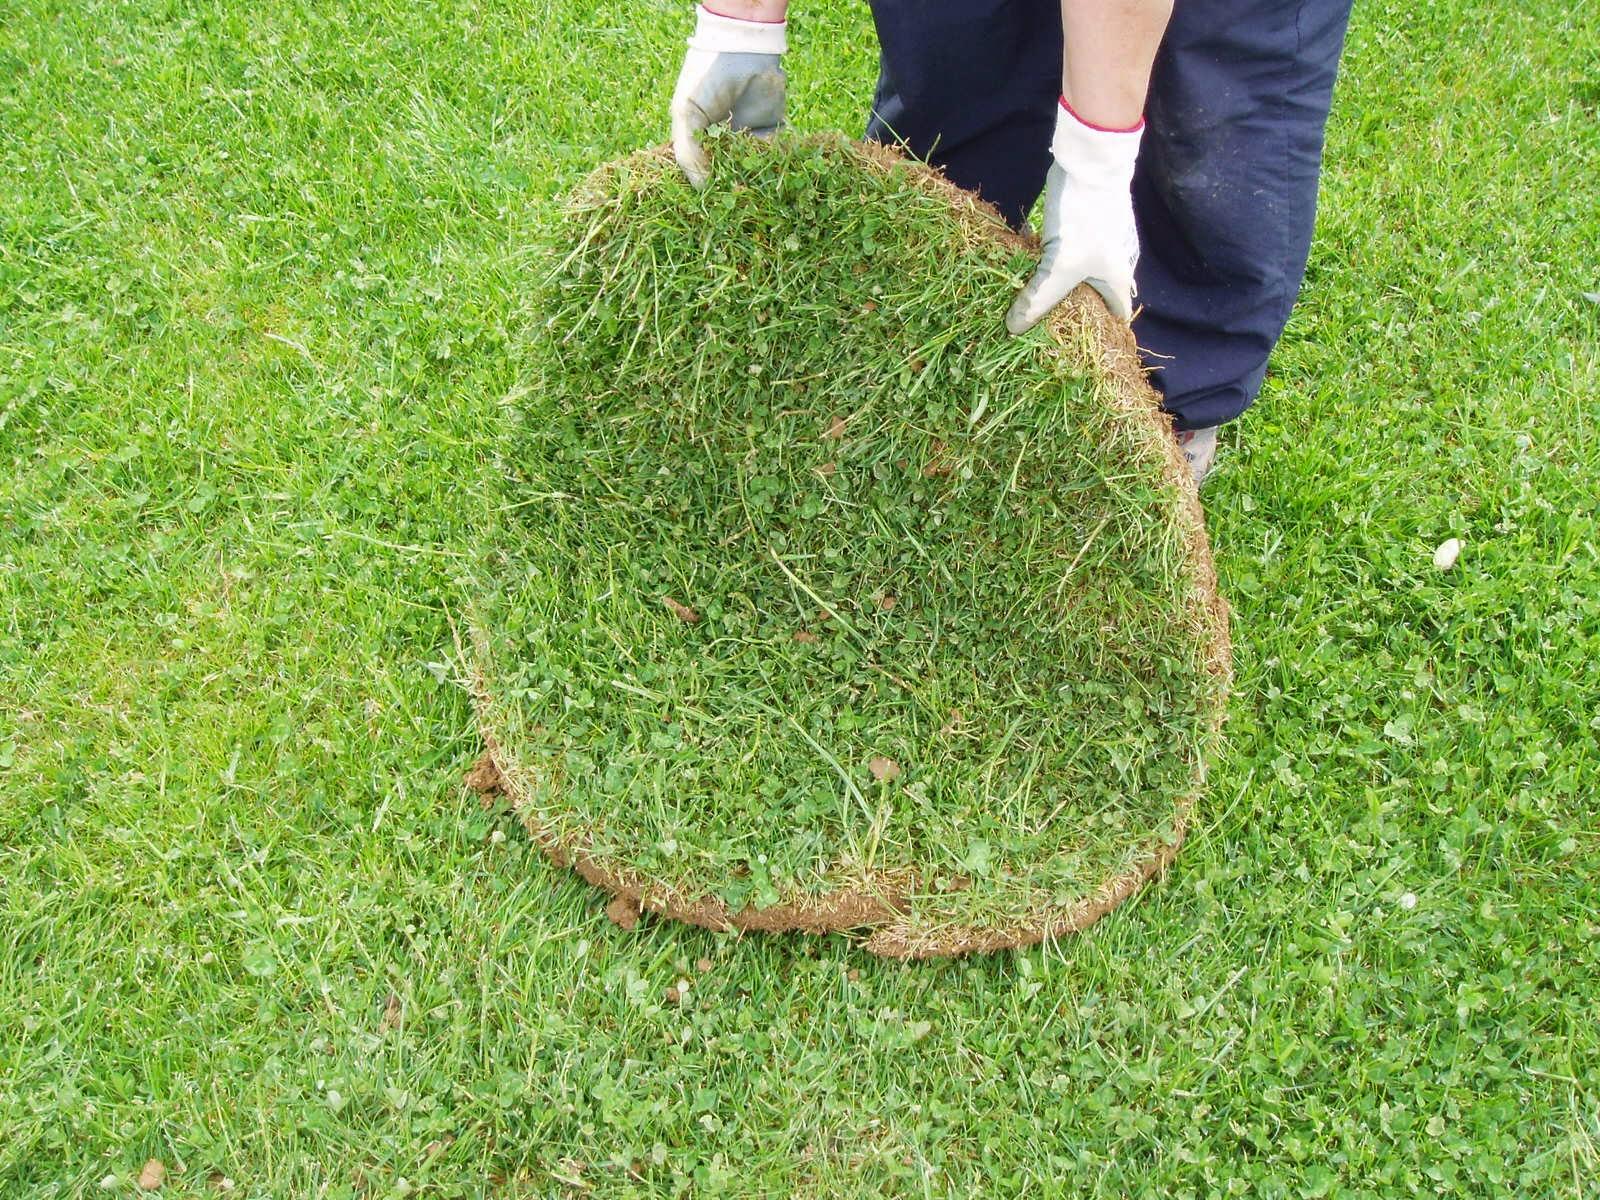 Metido en jardines plantar un rbol sin da ar el c sped - Como plantar cesped en el jardin ...